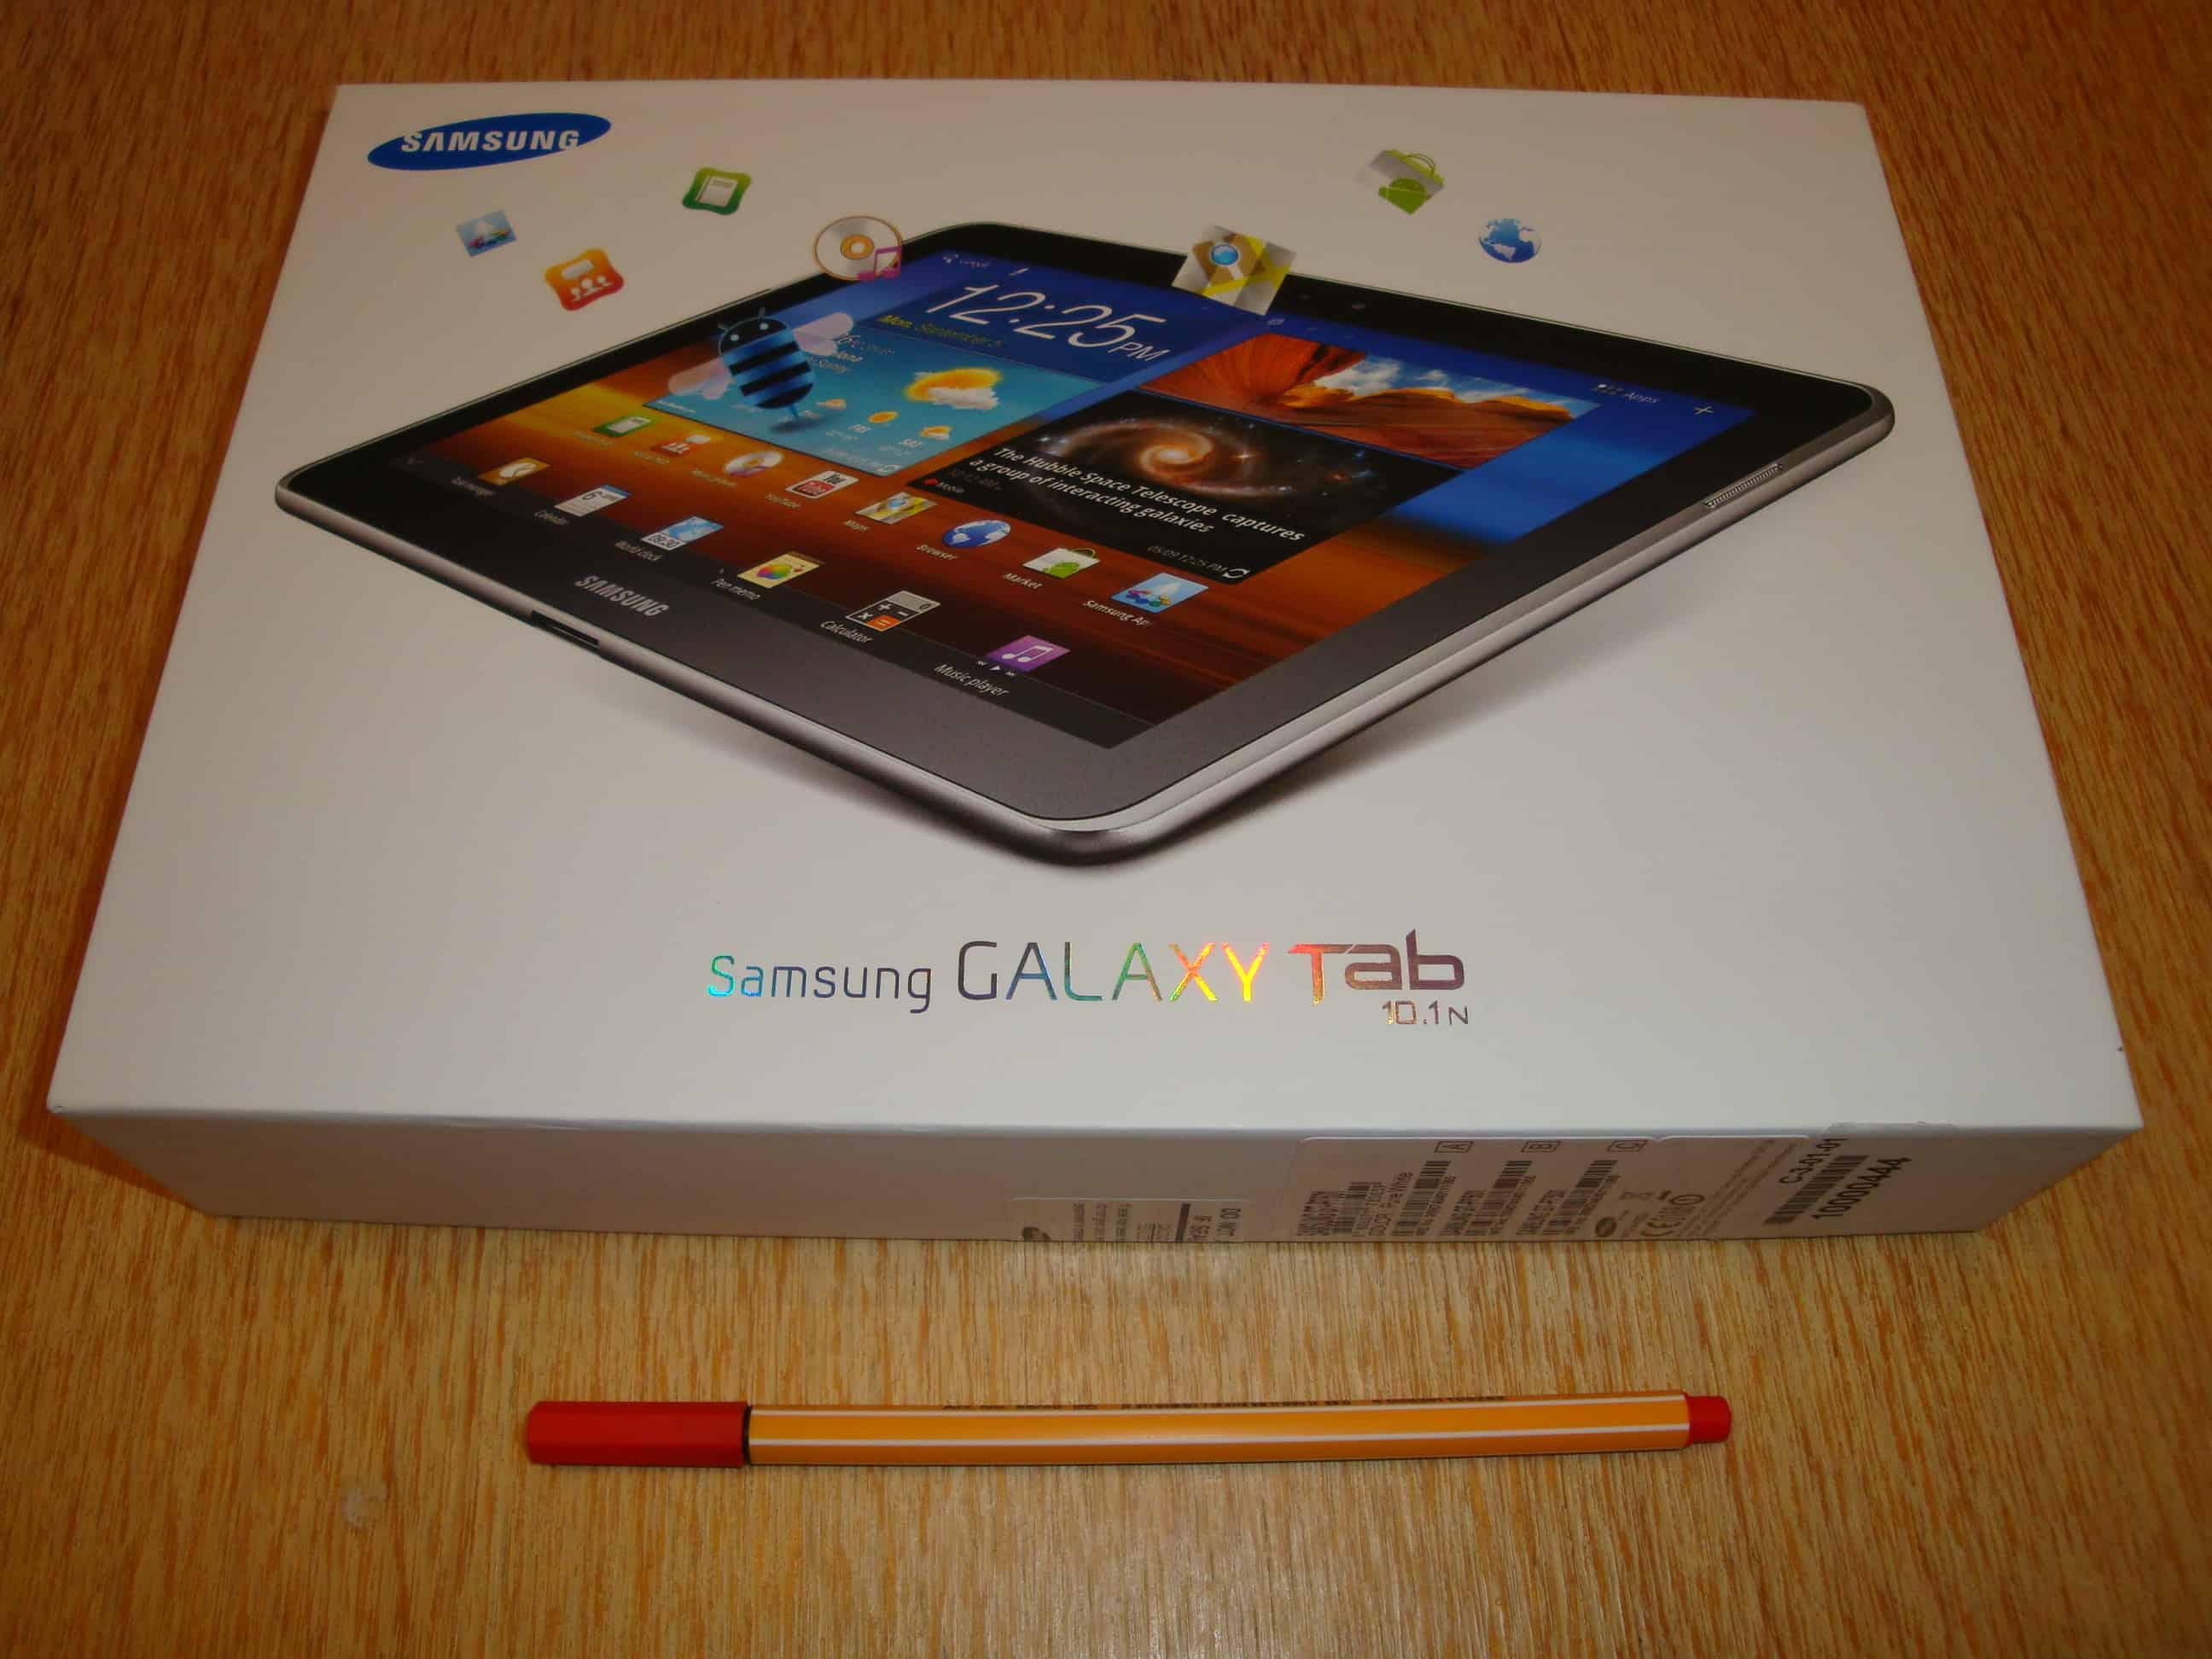 Samsung Galaxy Tab 10.1N - Alltagstest Teil 1 - mobi-test